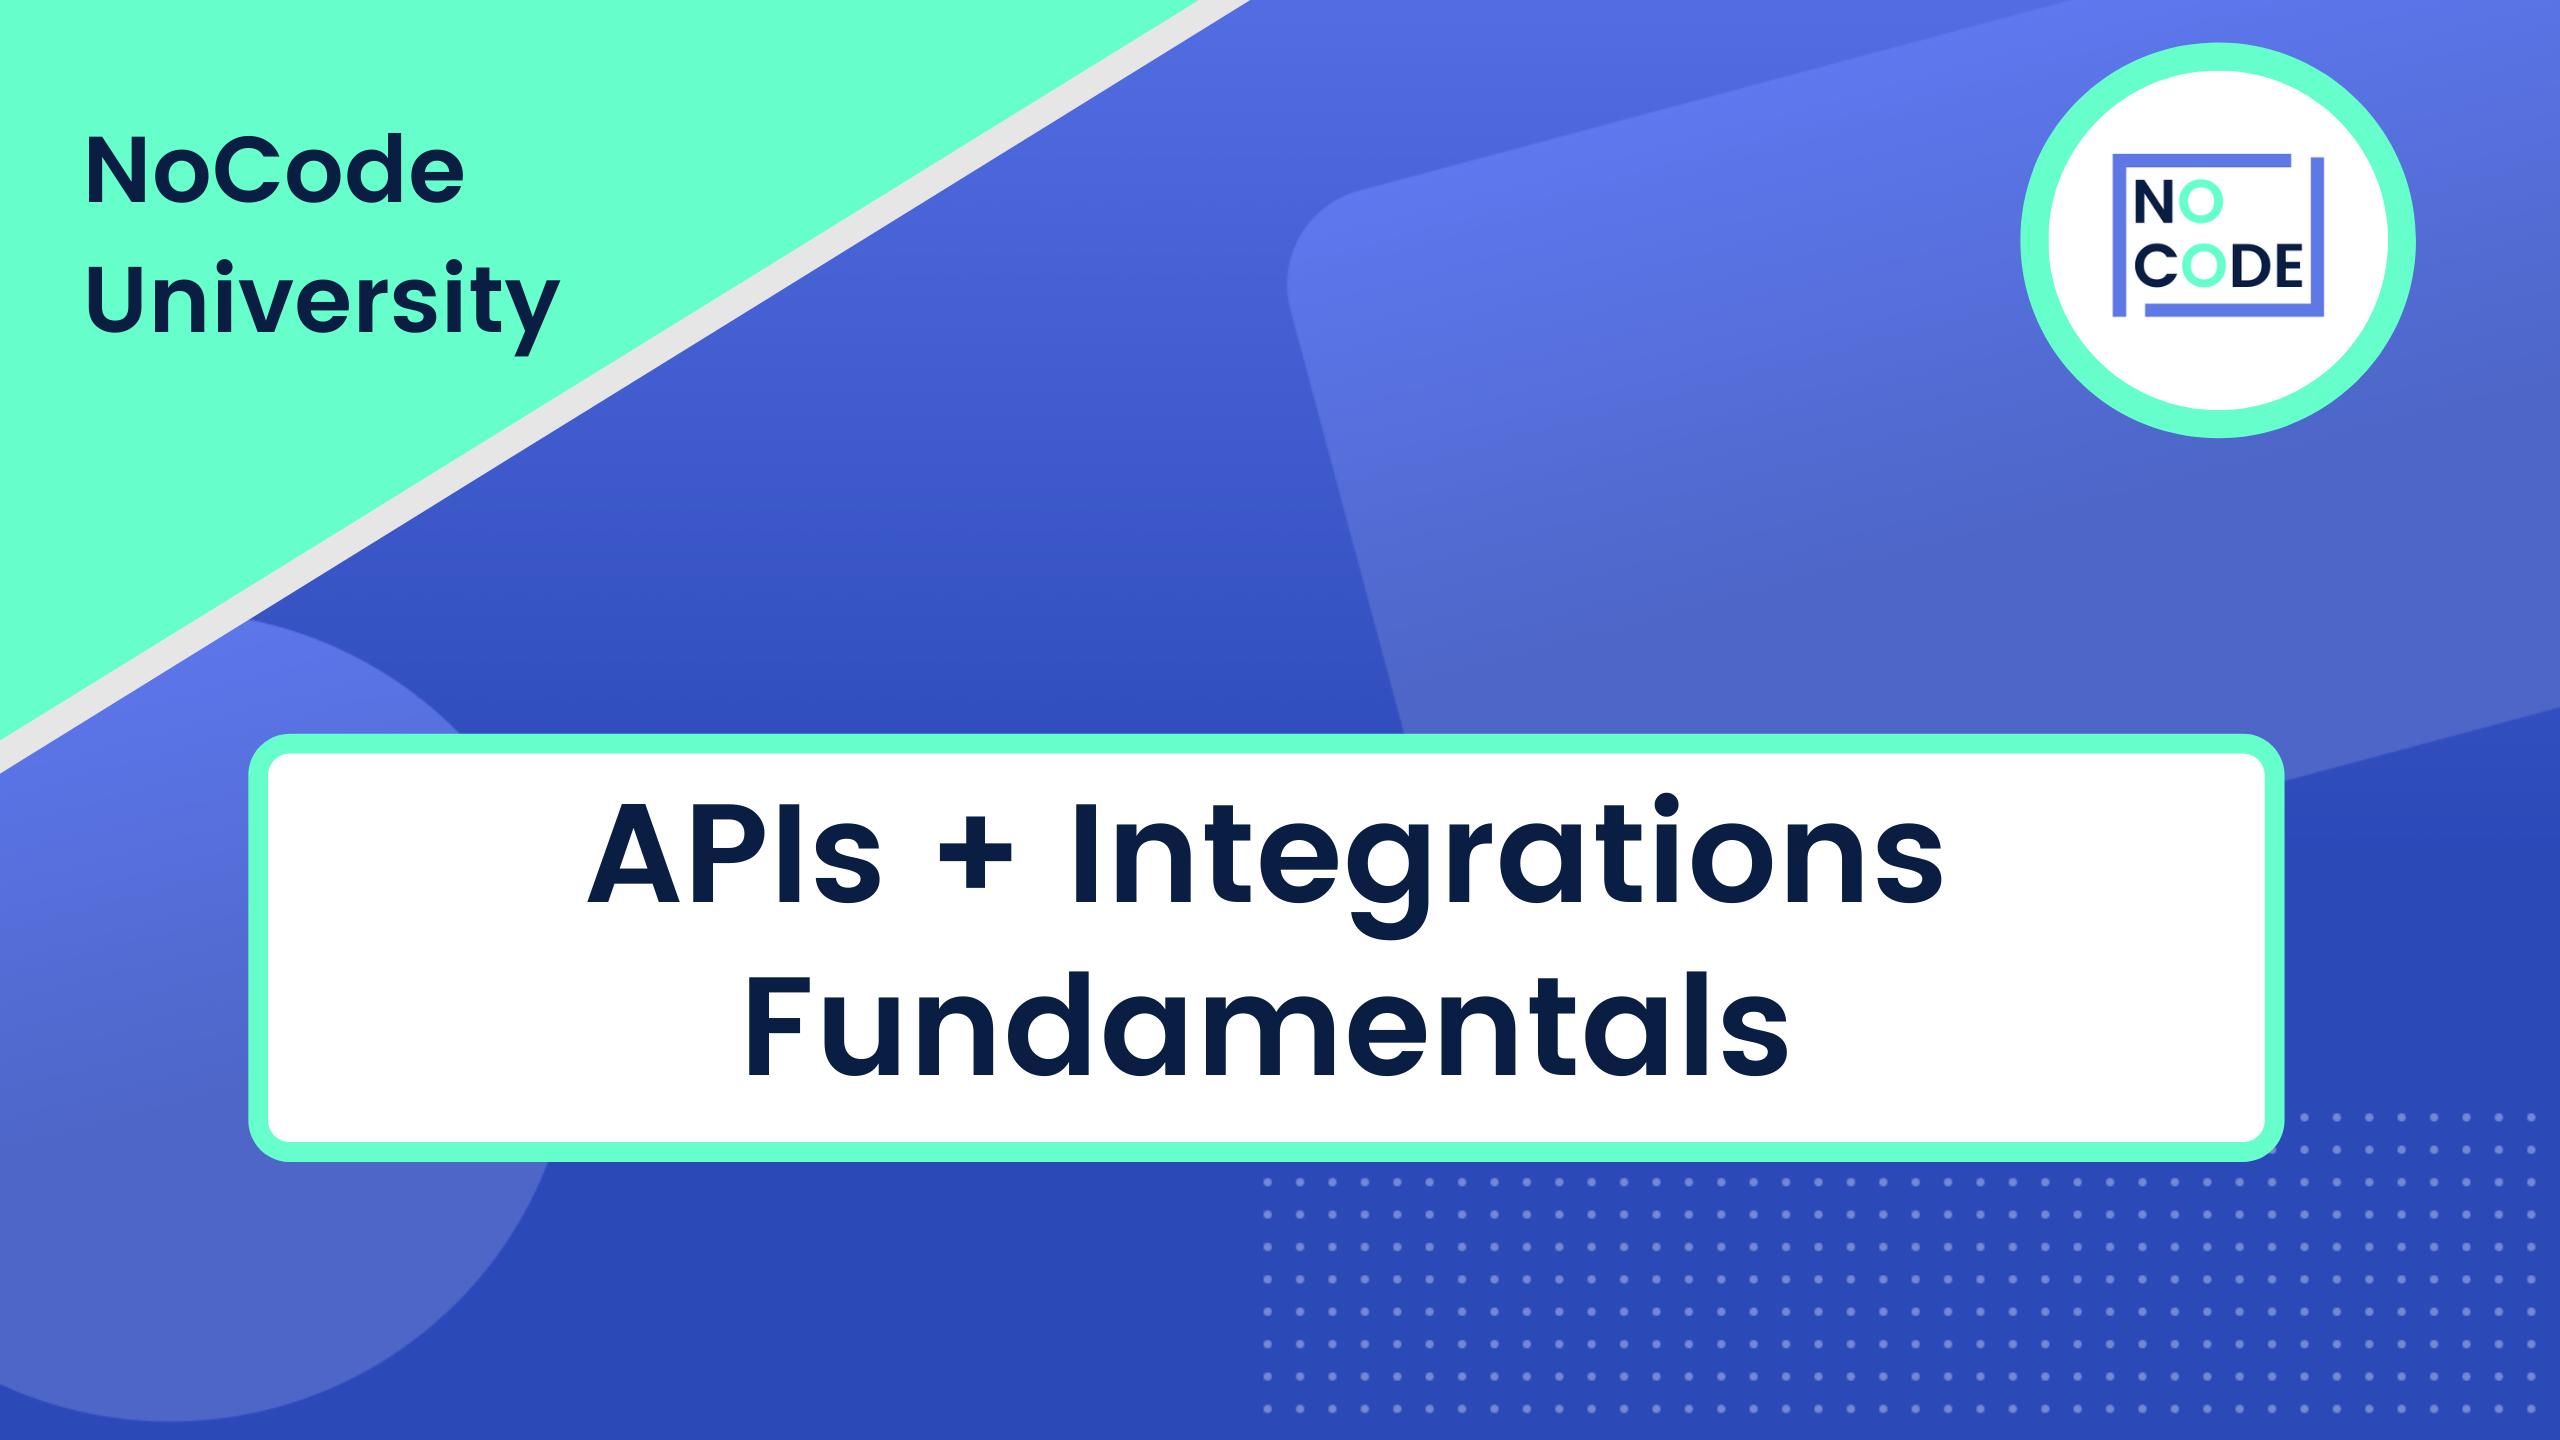 APIs + Integrations Fundamentals